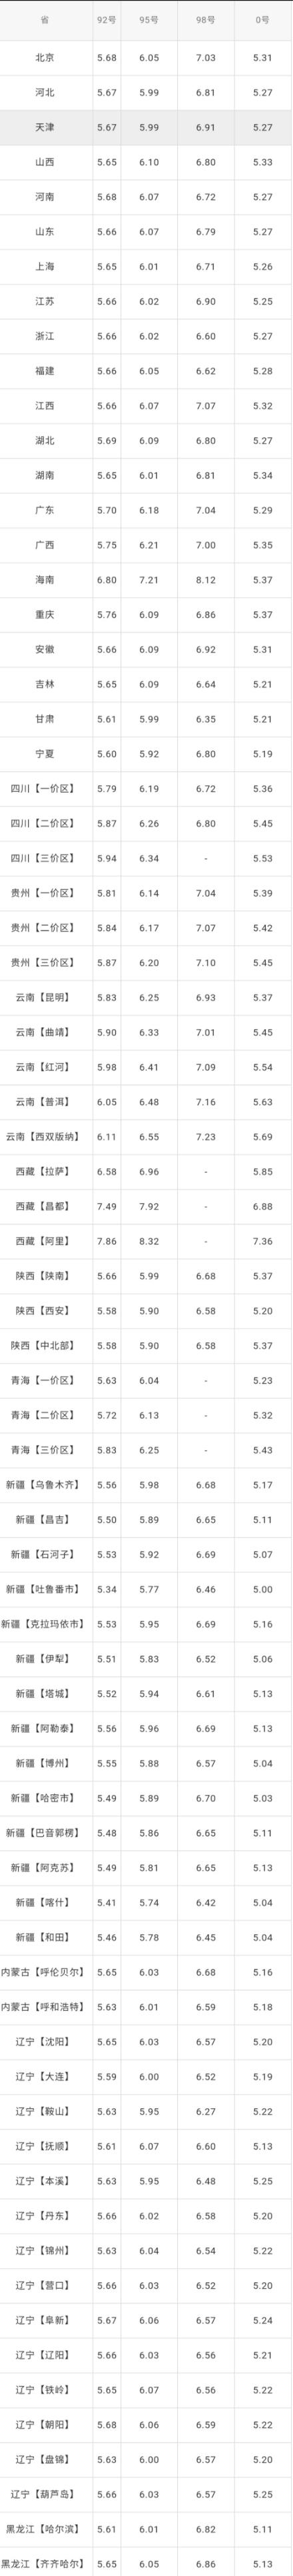 全国油价调整信息:8月13日调整后:全国92、95号汽油价格表